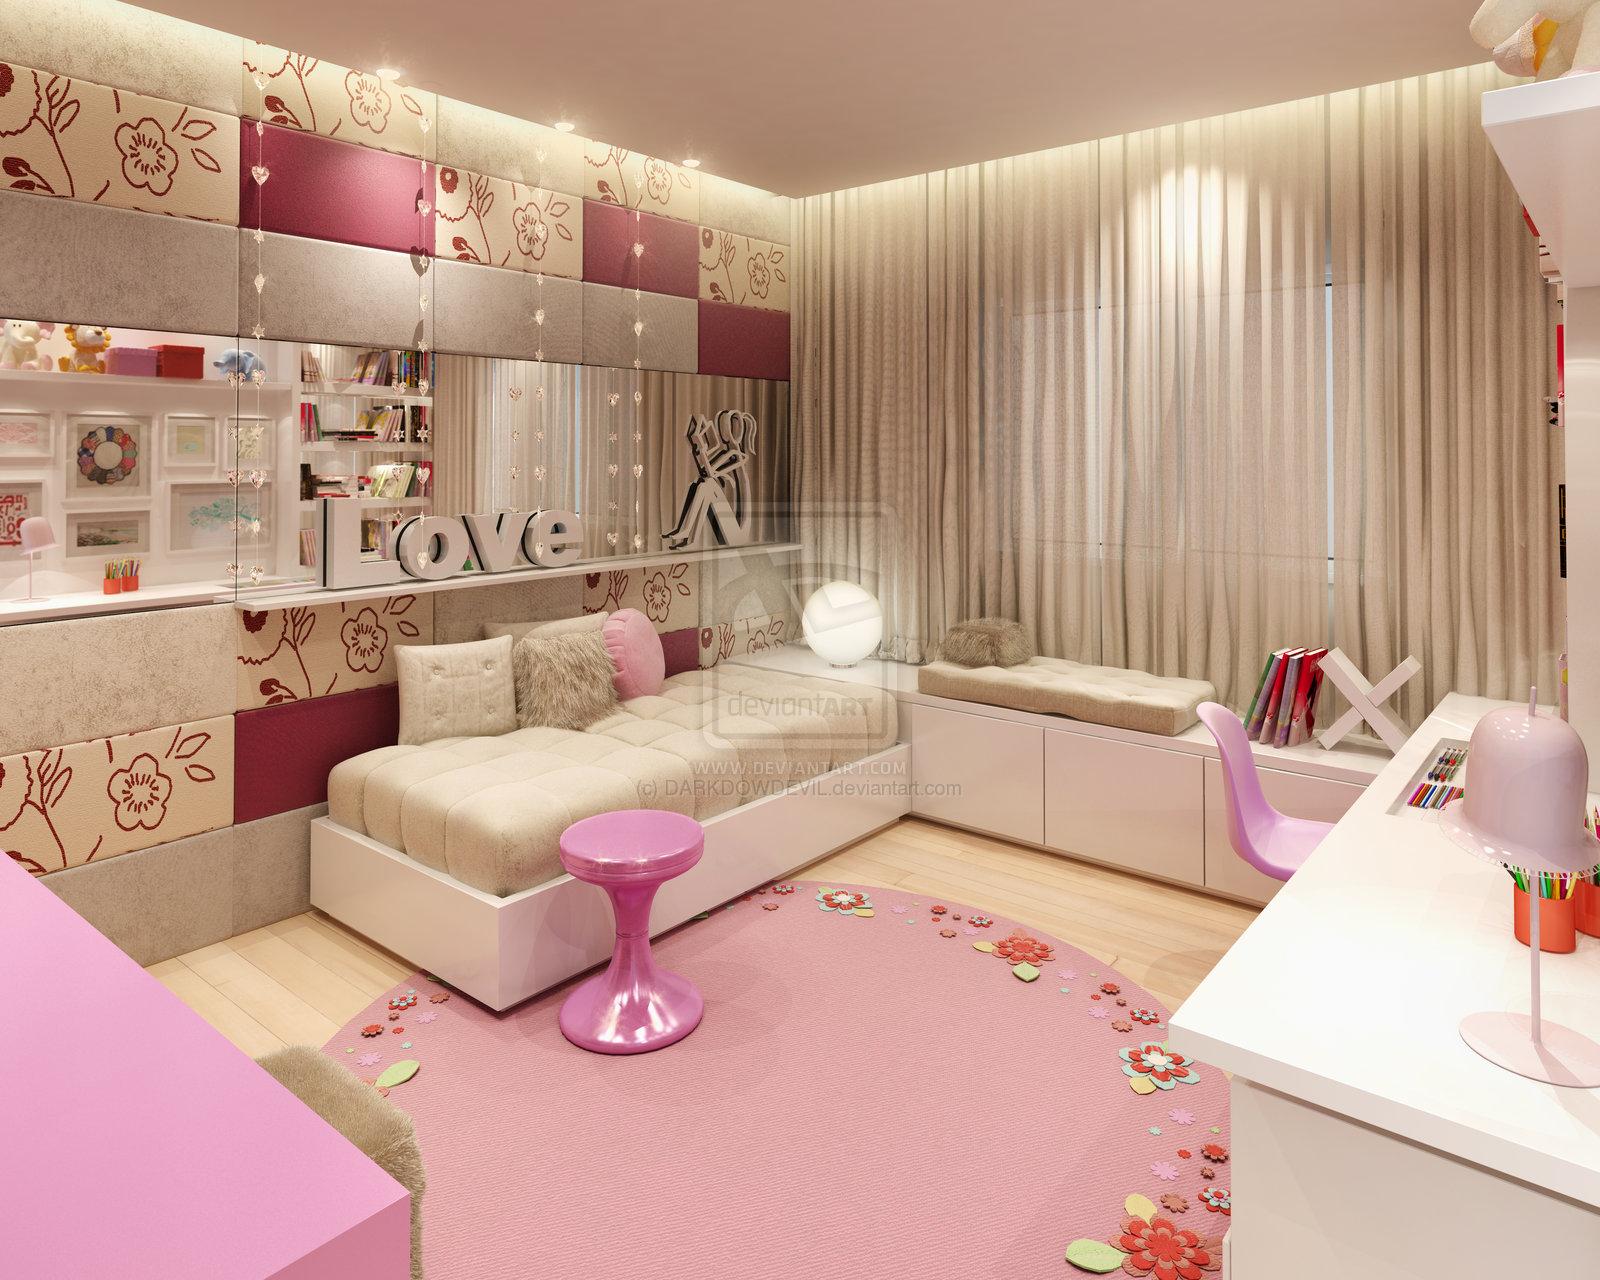 http://1.bp.blogspot.com/-0S6C3BdNpyQ/UD5LNF1xuxI/AAAAAAAASFk/ughJRogBX7I/s1600/fp-girl_bedroom_by_DARKDOWDEVIL.jpg